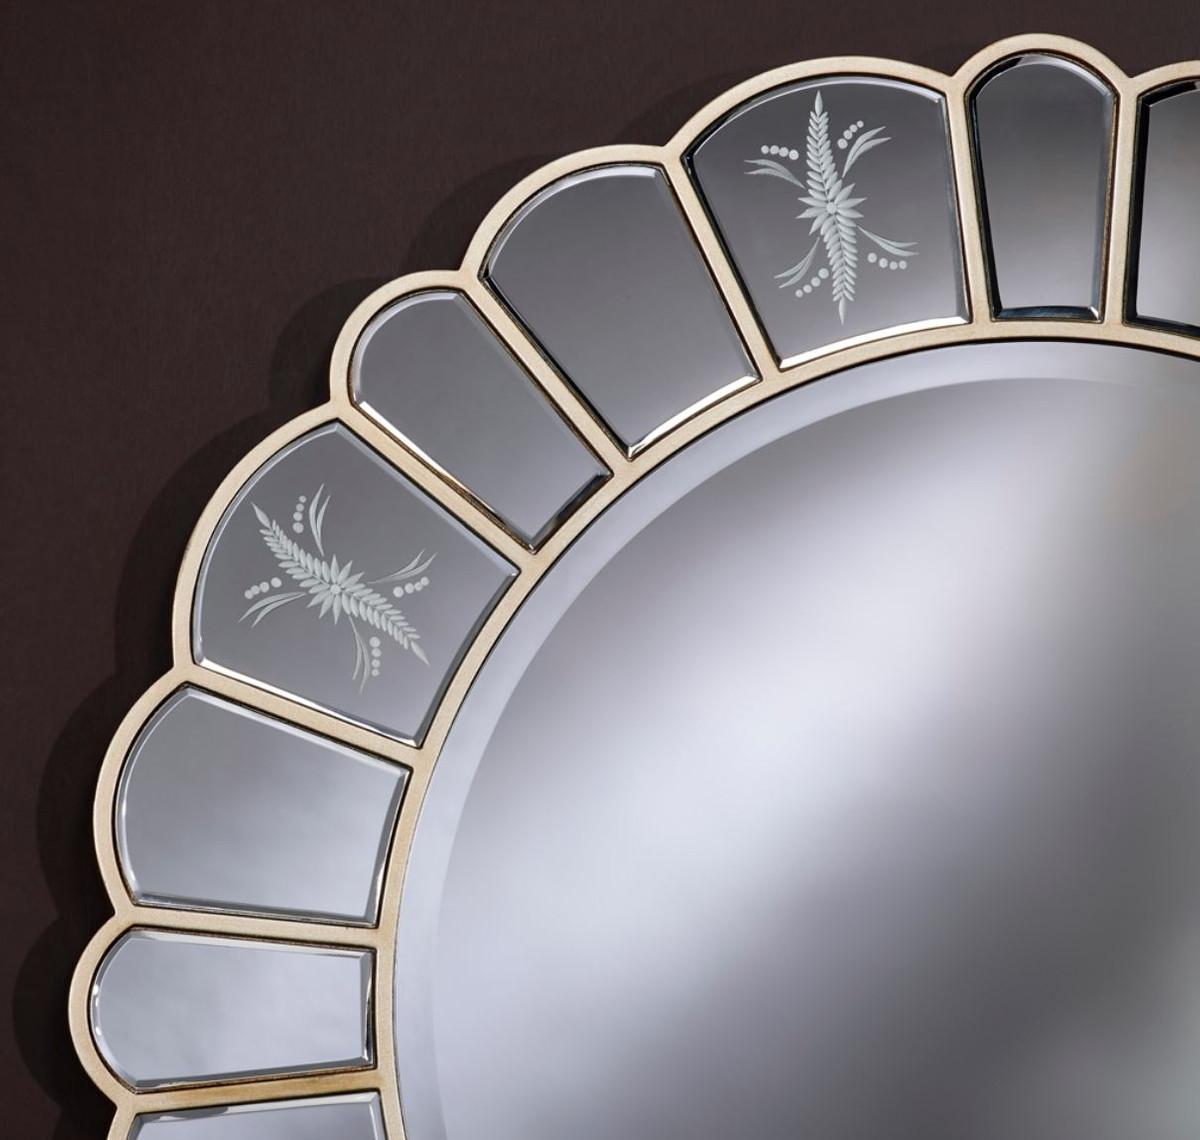 Casa Padrino Specchio Da Parete Con Incisioni Decorative O 100 Cm Accessori Soggiorno Di Lusso Casa Padrino De